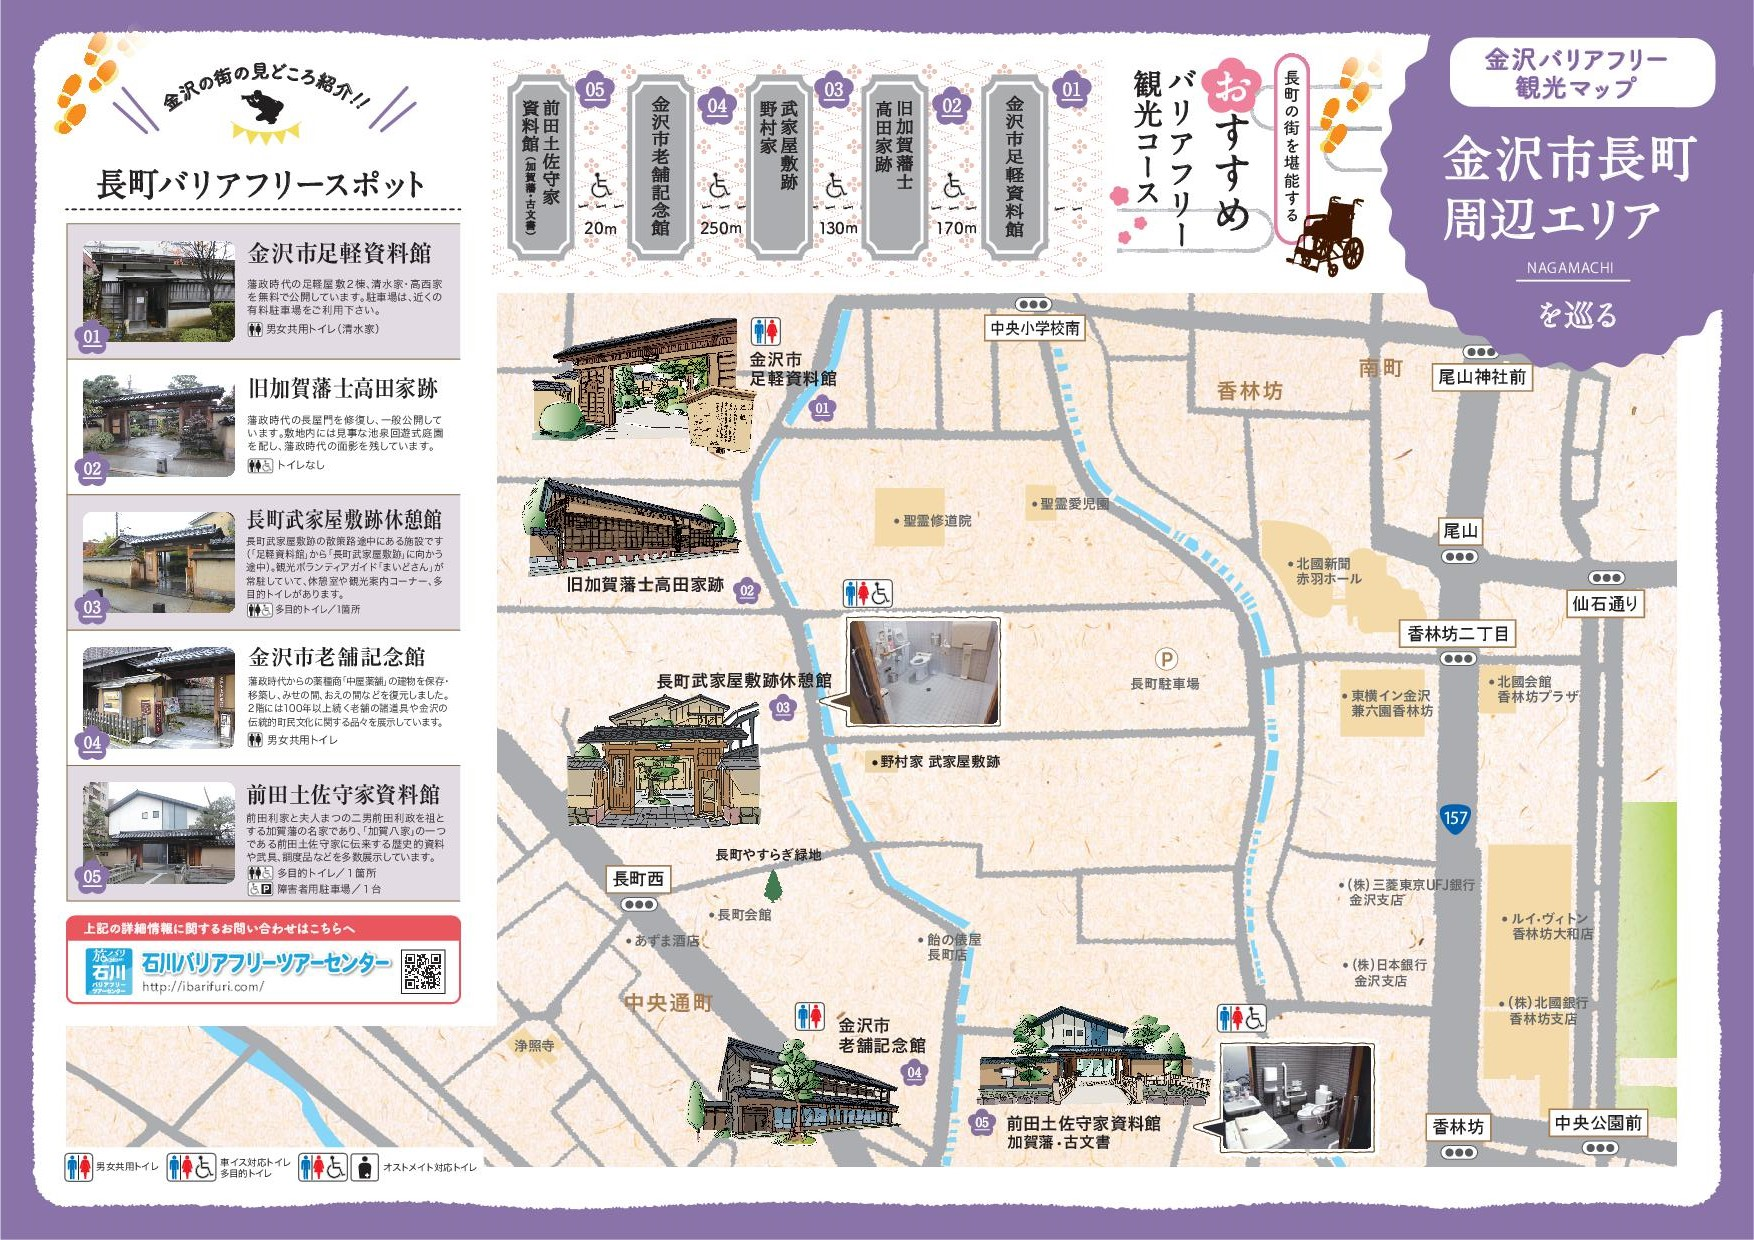 金沢市バリアフリー観光マップ | モデルコース | 石川バリア ...